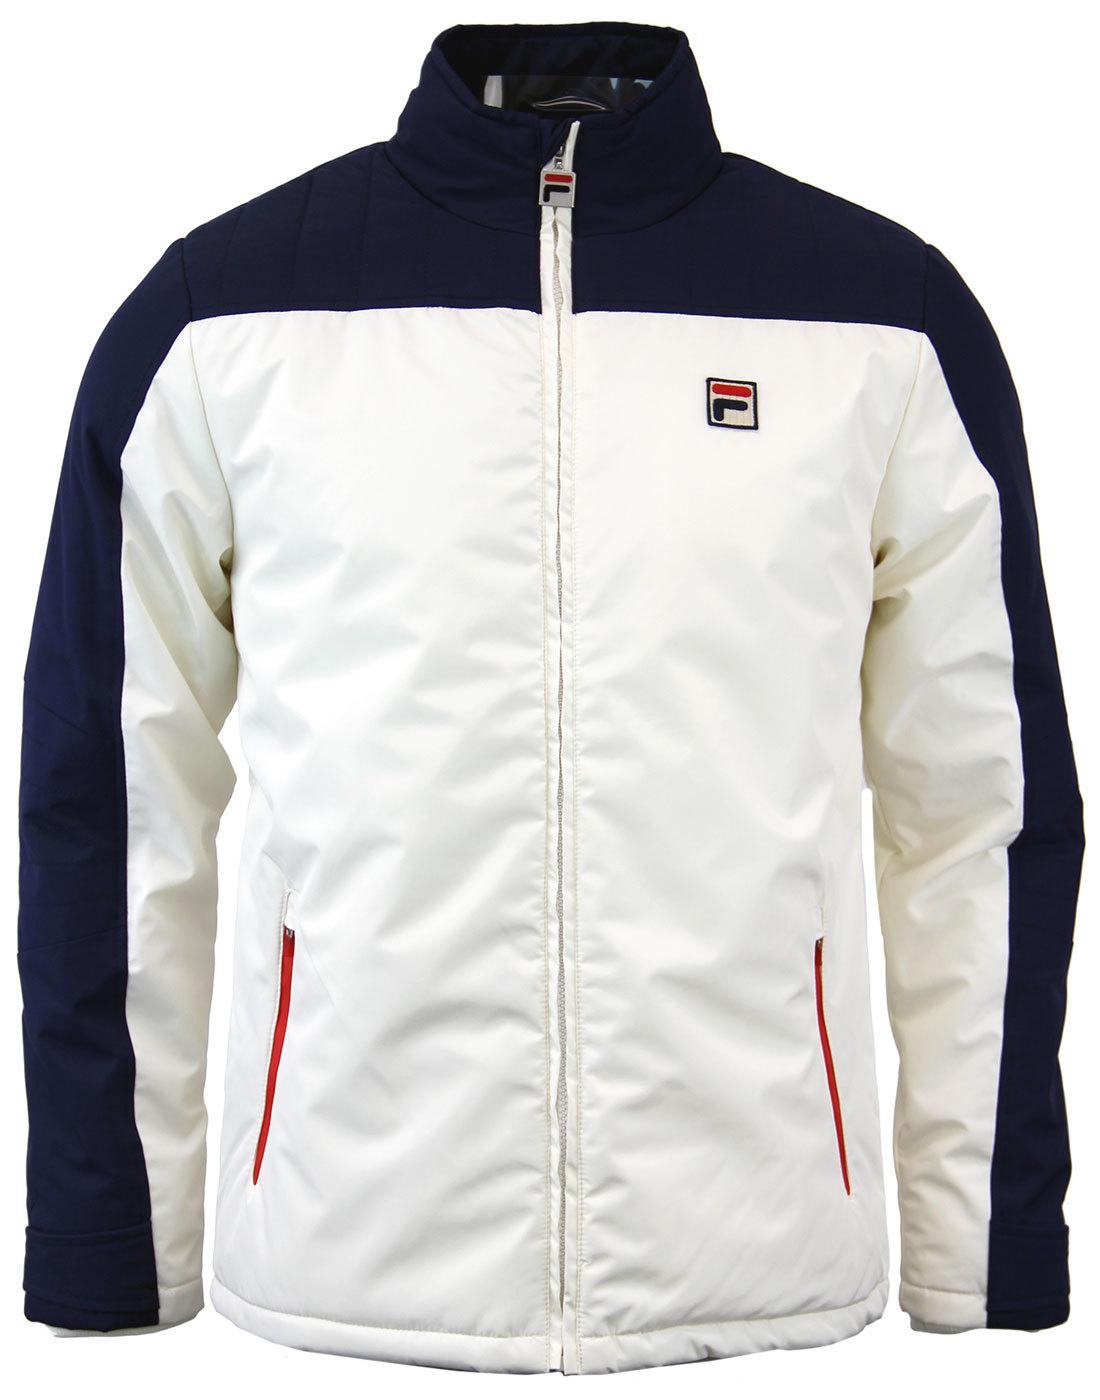 Stenmark FILA VINTAGE Retro 1970s Ski Jacket (G)